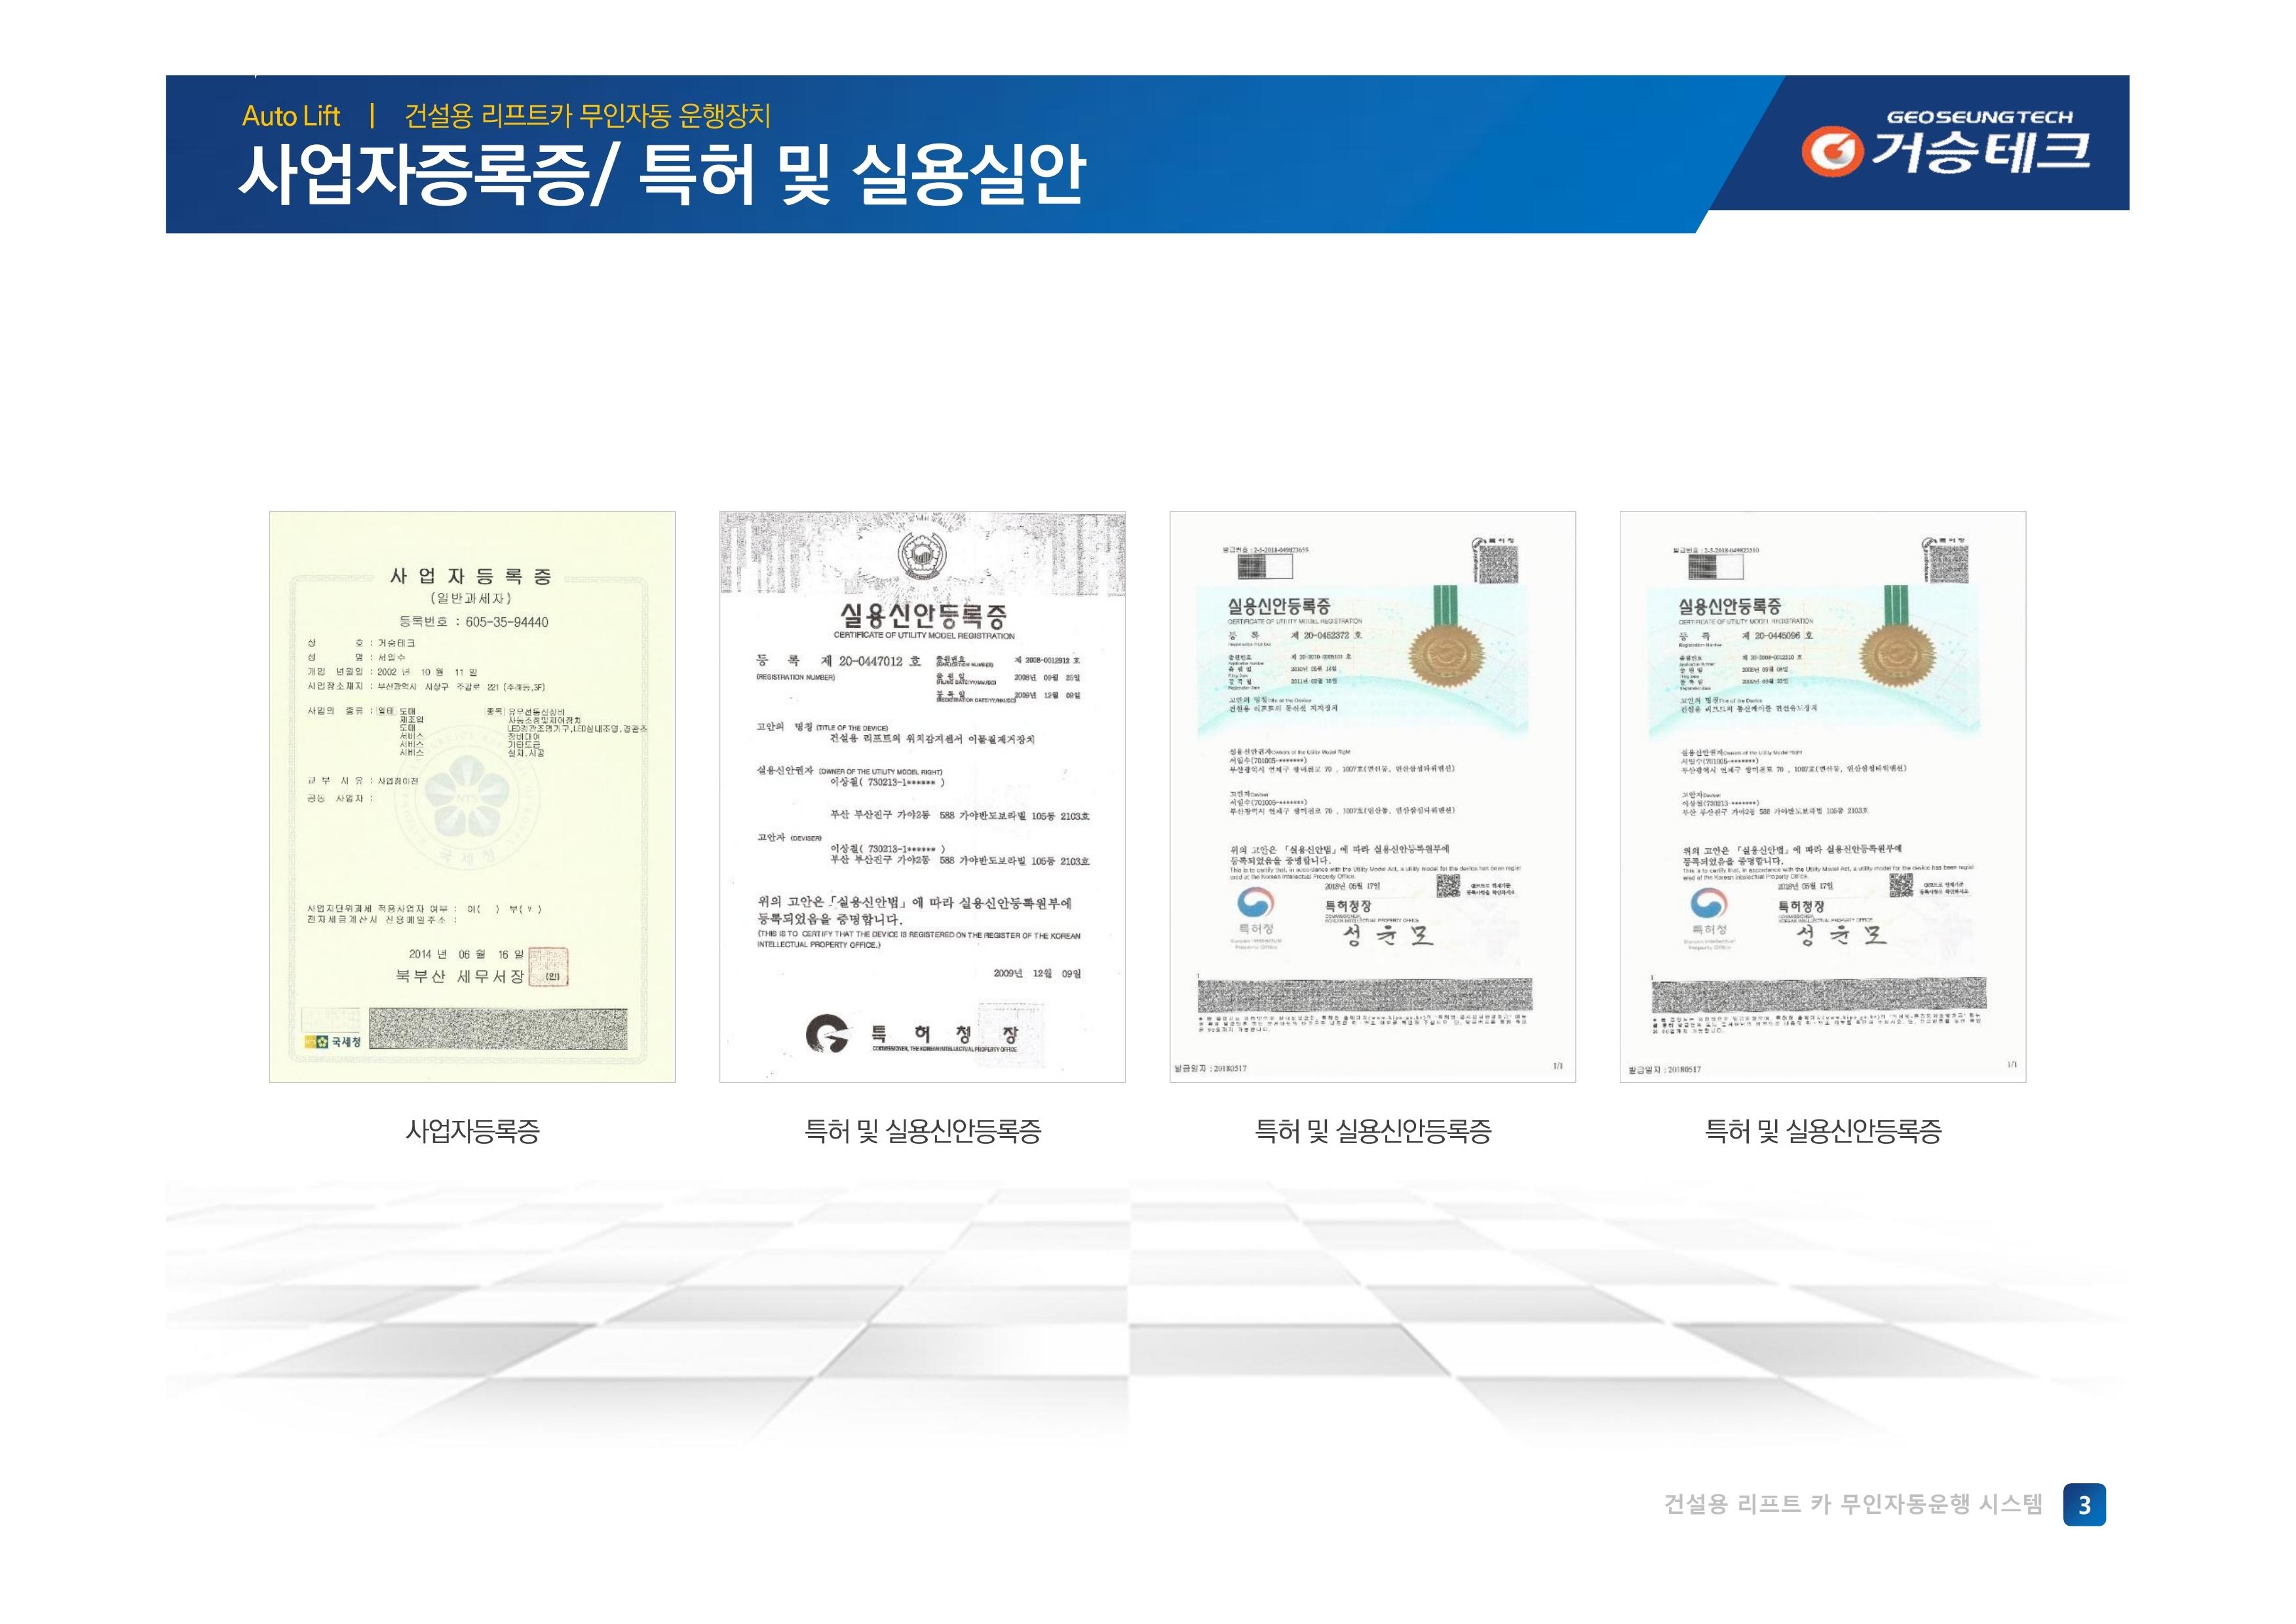 무인자동 (거승테크)-Rev01 (2020-07-22).pdf_page_03.jpg